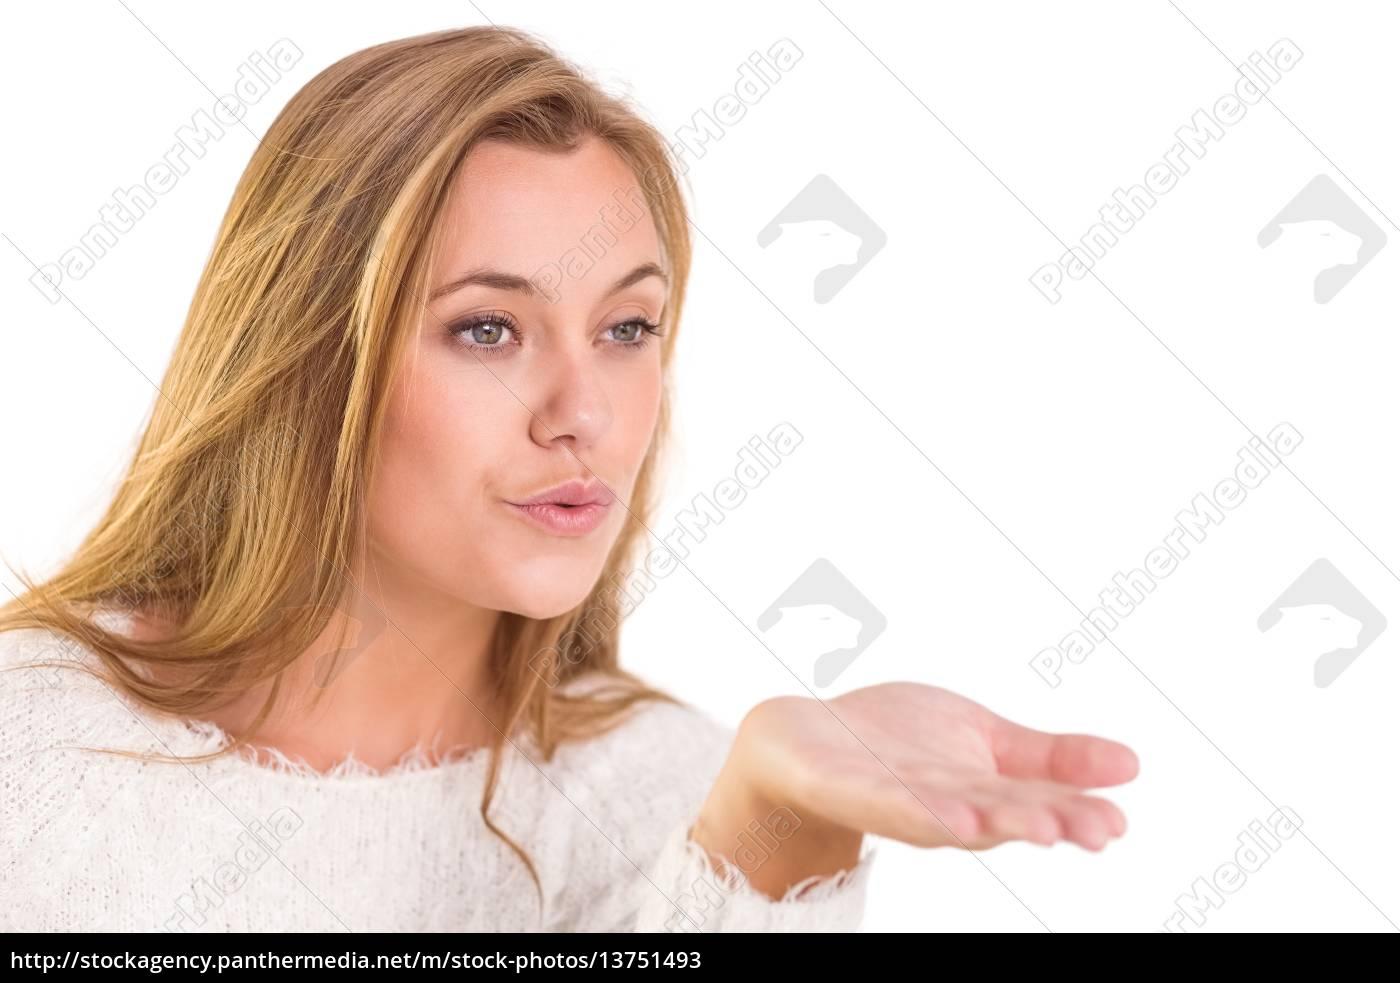 hübsche, blondine, bläst, einen, kuss - 13751493